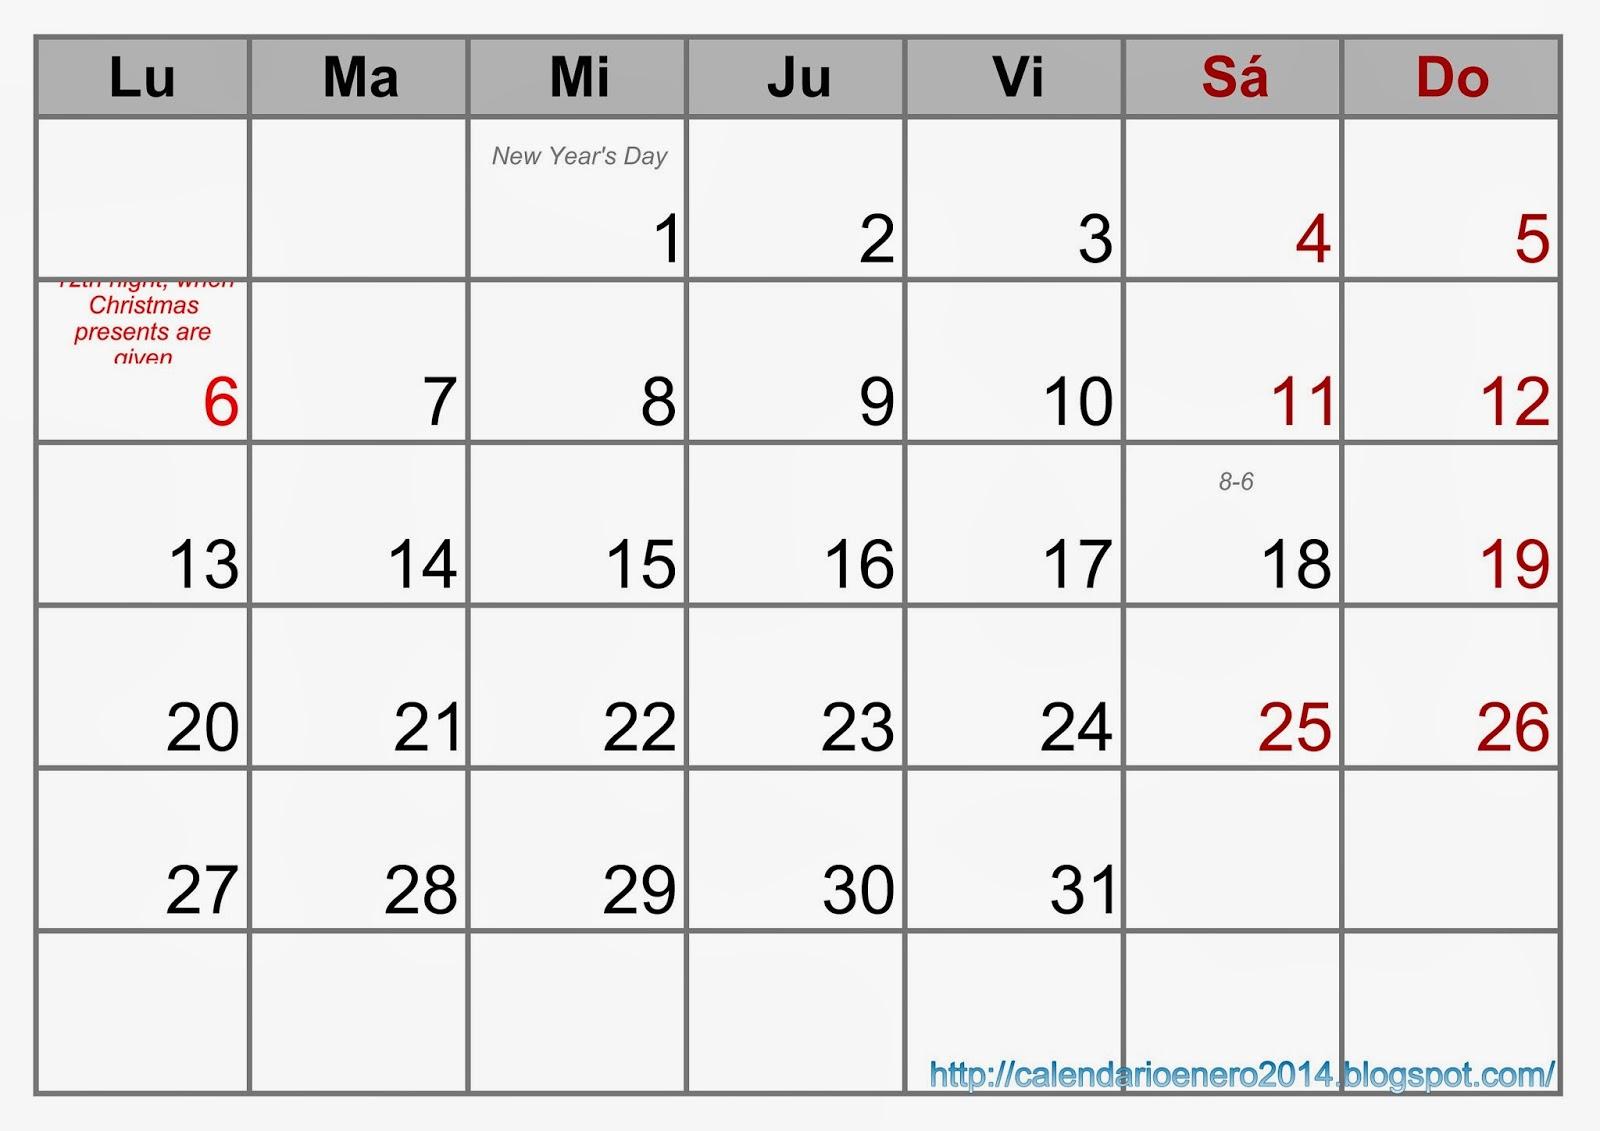 Calendario 2014 Imprimir Calendario 2014 Gratis en